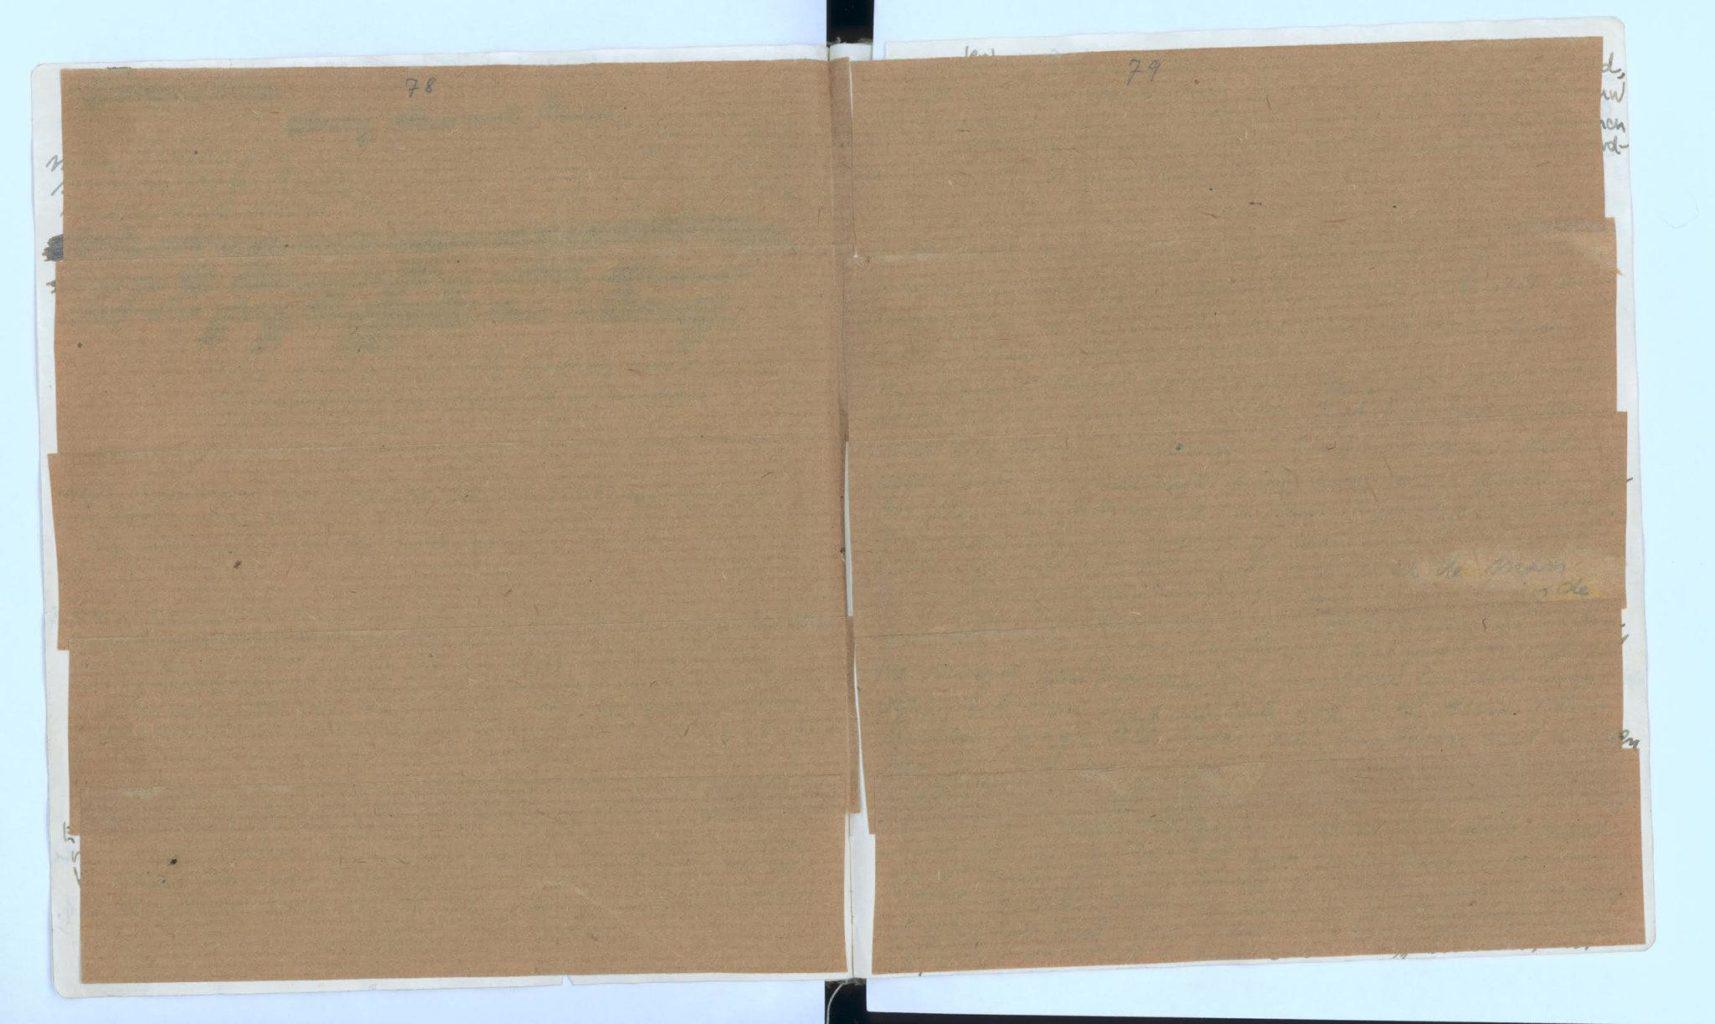 Специалисты расшифровали заклеенные страницы дневника Анны Франк